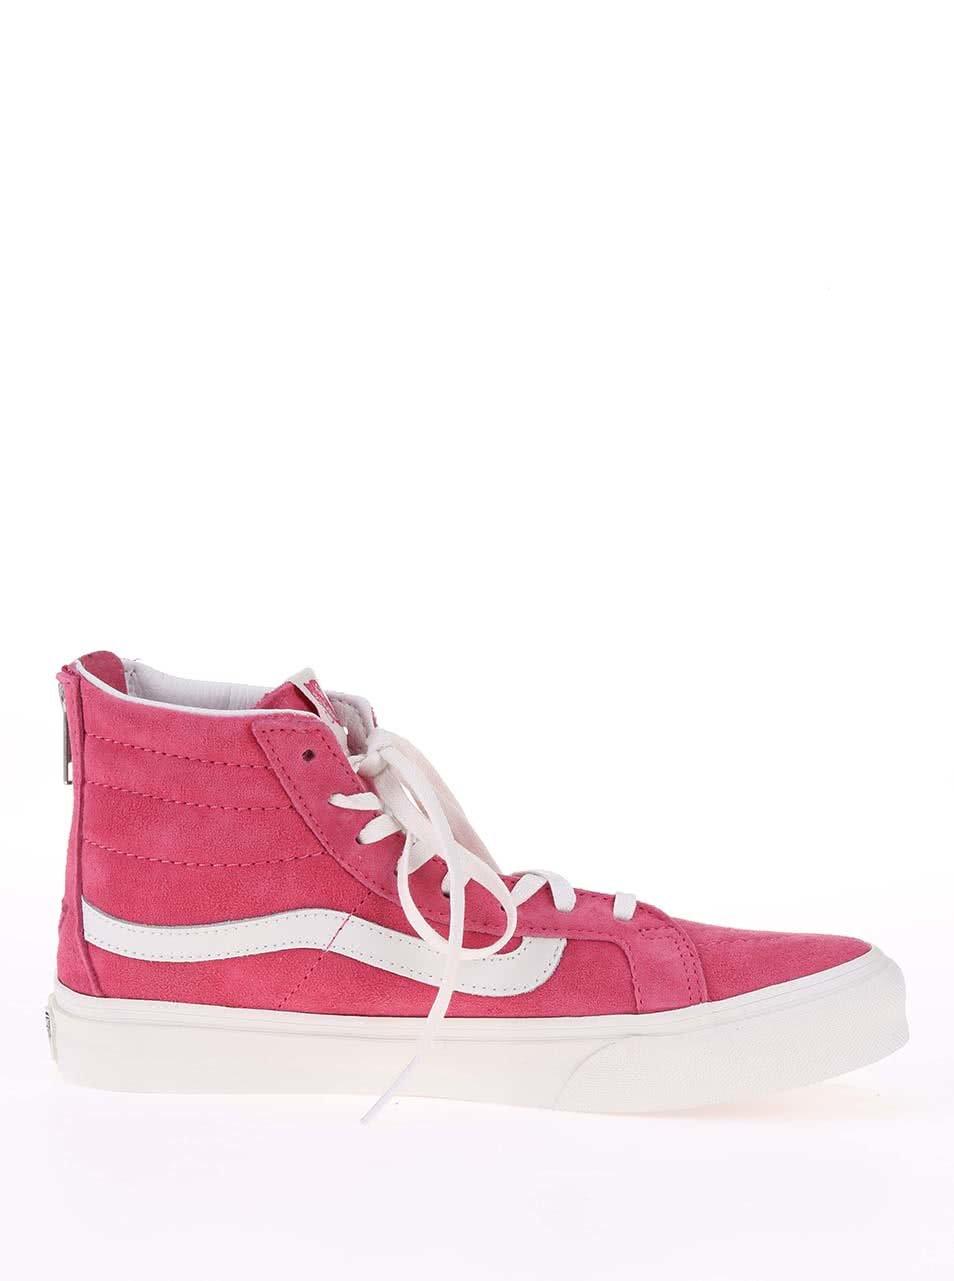 93ae66b64e83e Ružové dámske členkové tenisky Vans SK8-HI | ZOOT.sk